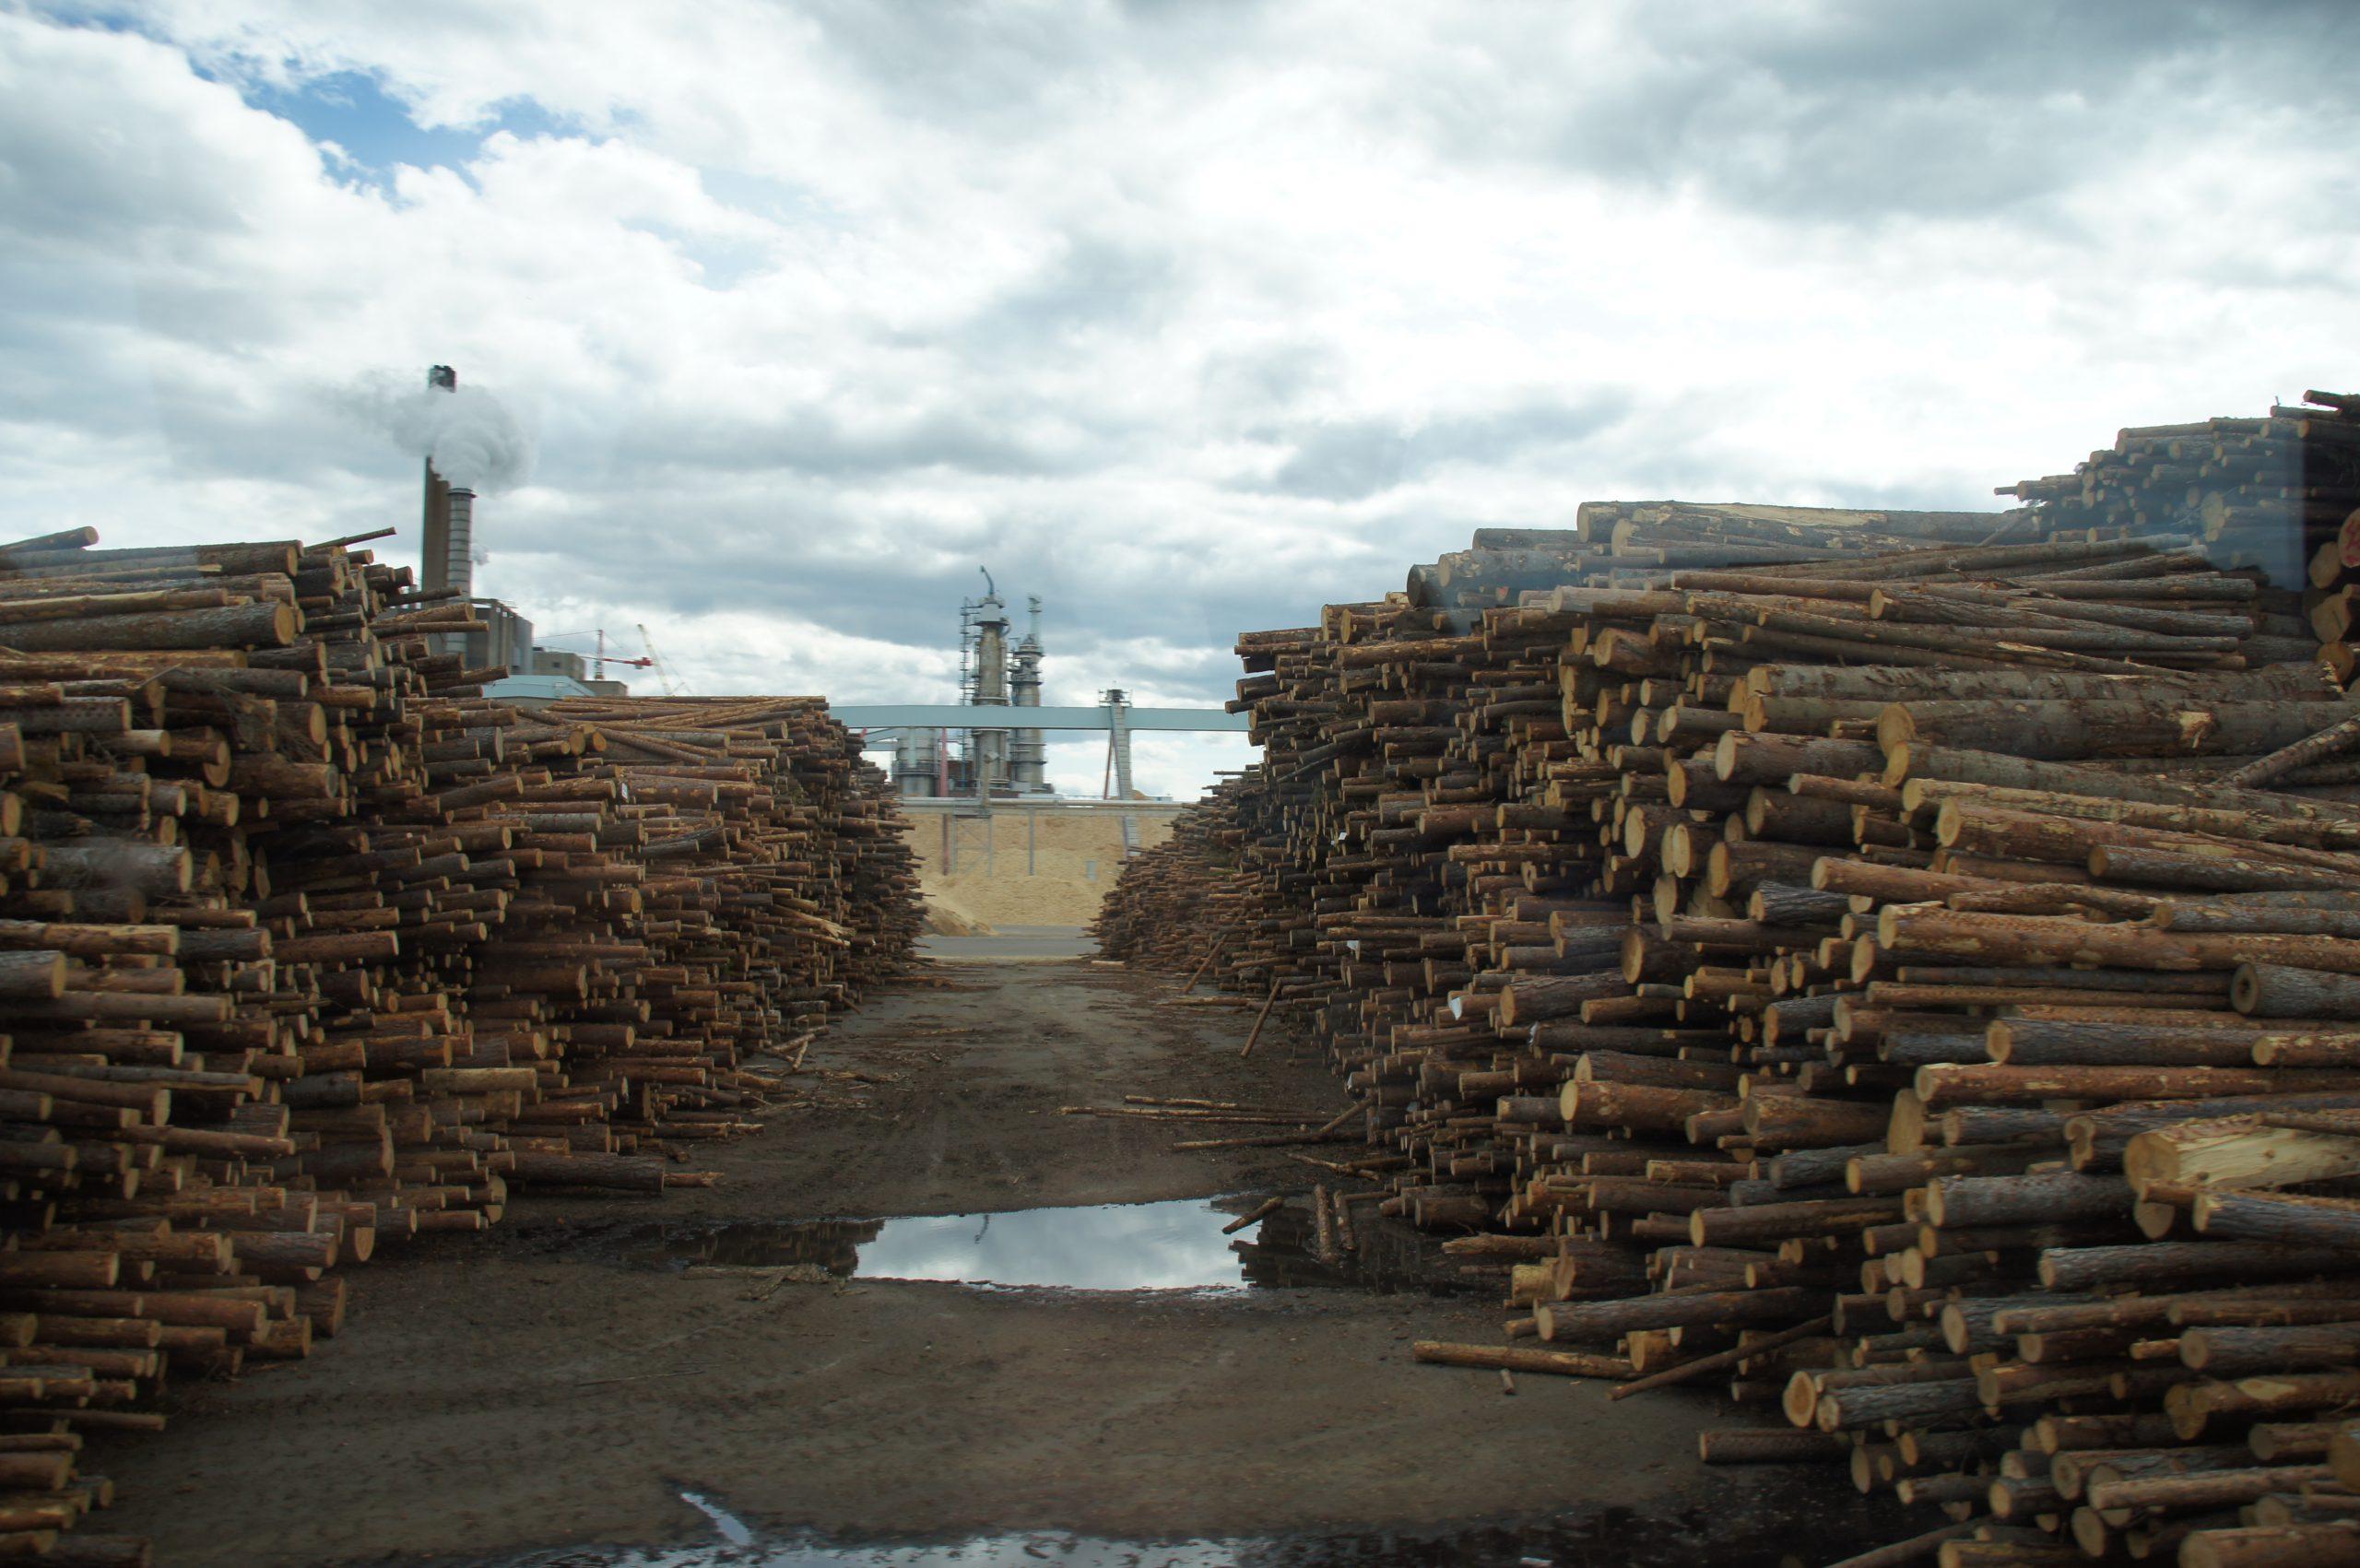 Das Holzlager der Papiermühle von Iggesund. Alle acht Minuten wird hier ein 40-Tonner entladen